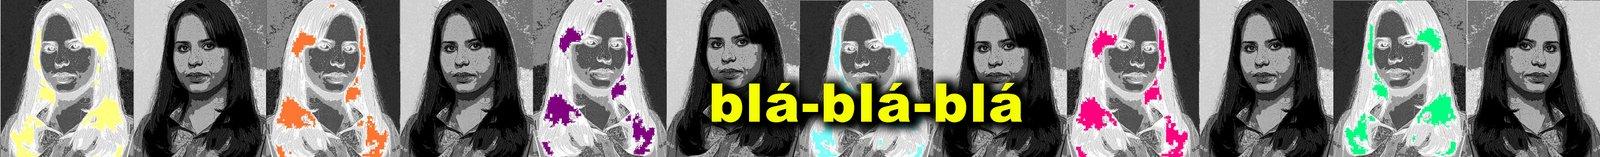 Aline bla-bla-blá